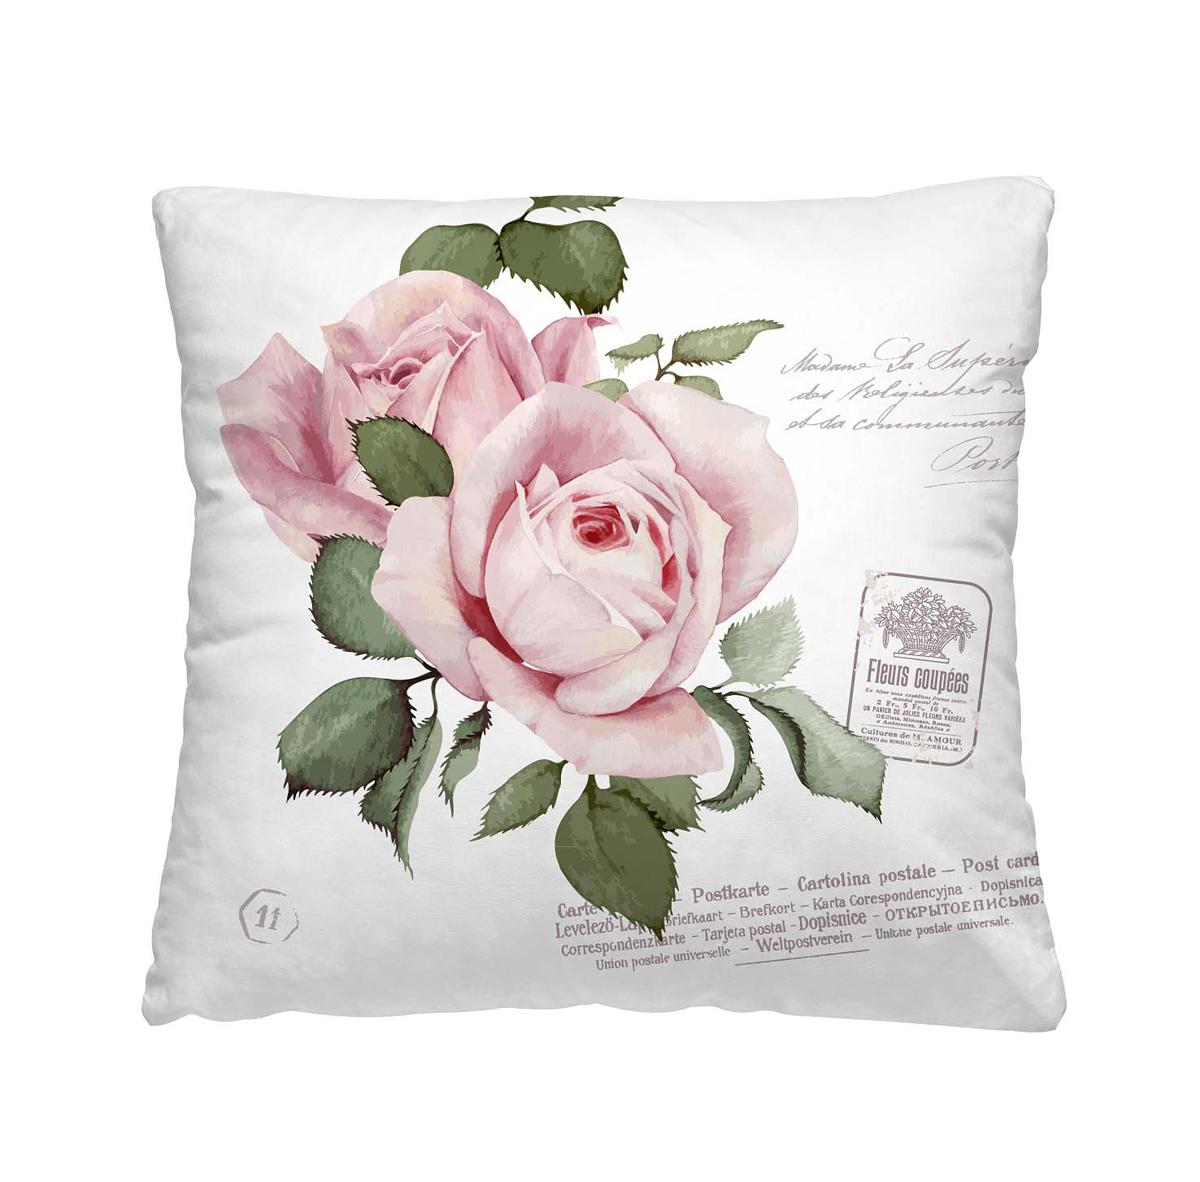 Подушка декоративная Волшебная ночь Розовый бутон, 40х40 см195